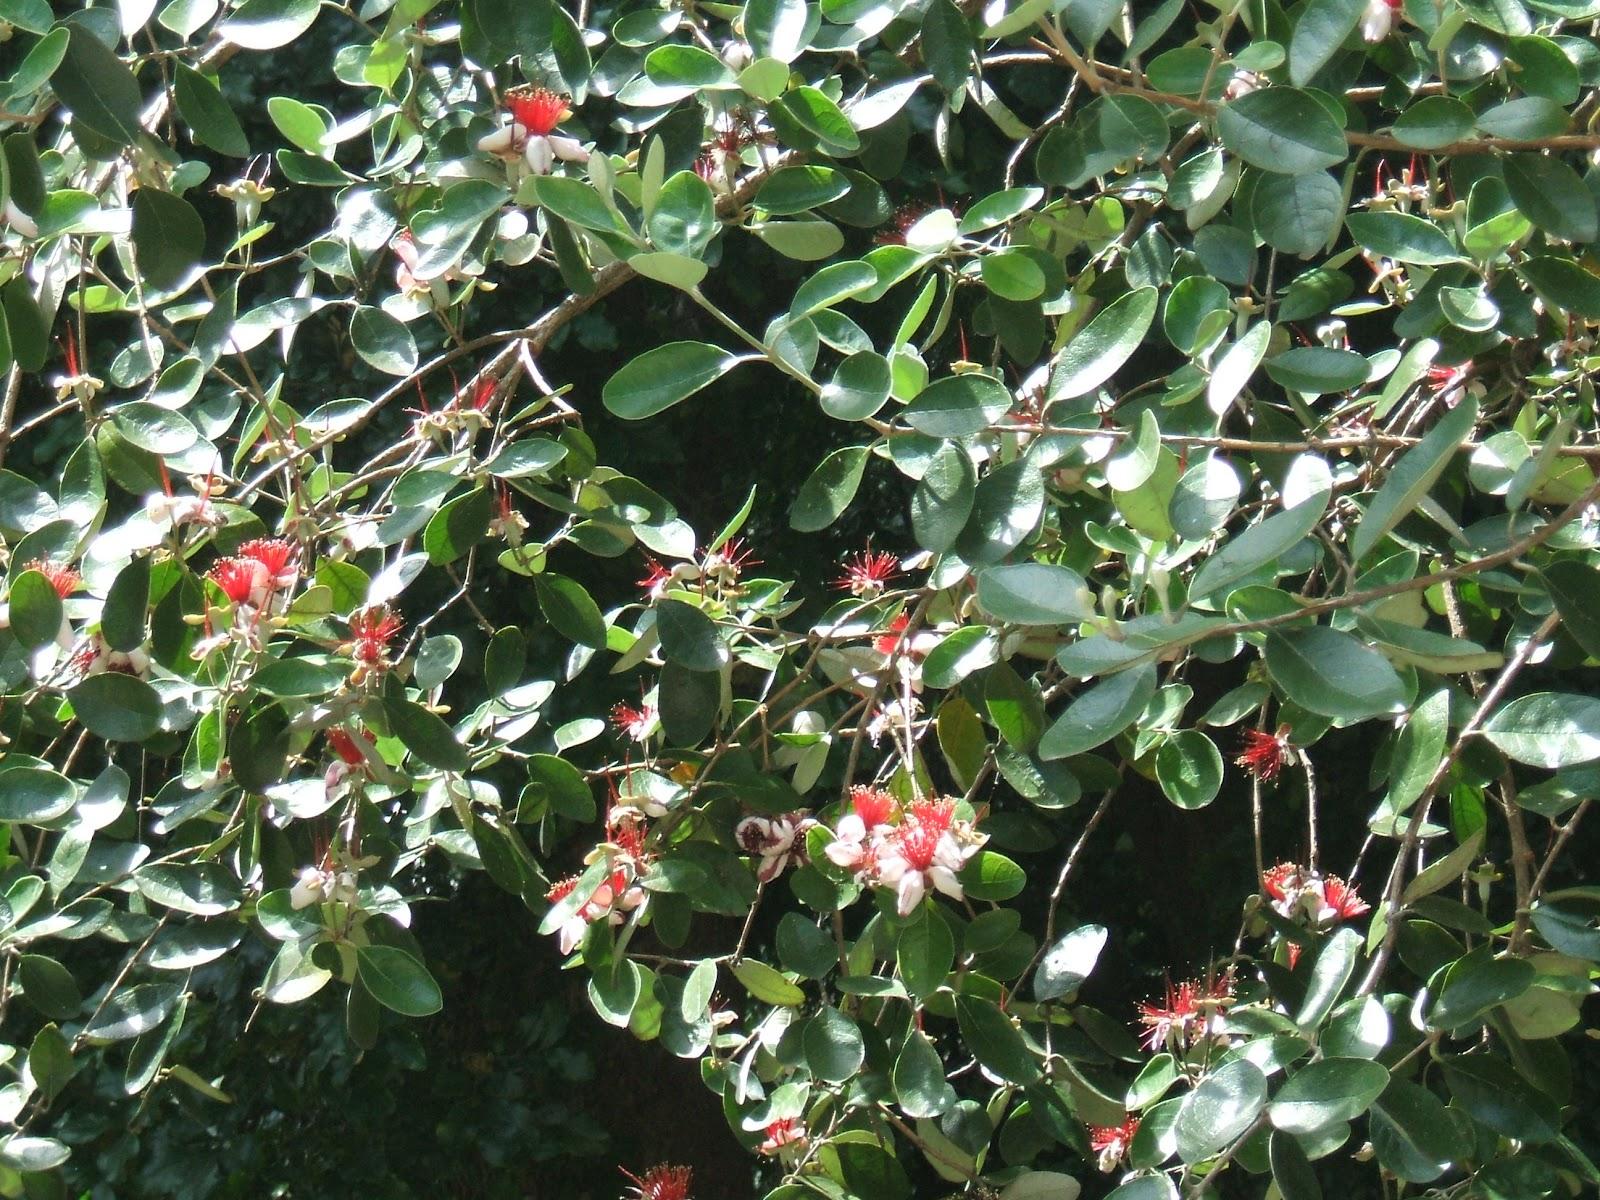 plantas para jardim altas:Exemplar existente no Jardim Botânico de Lisboa. Fotgrafias de 2007.